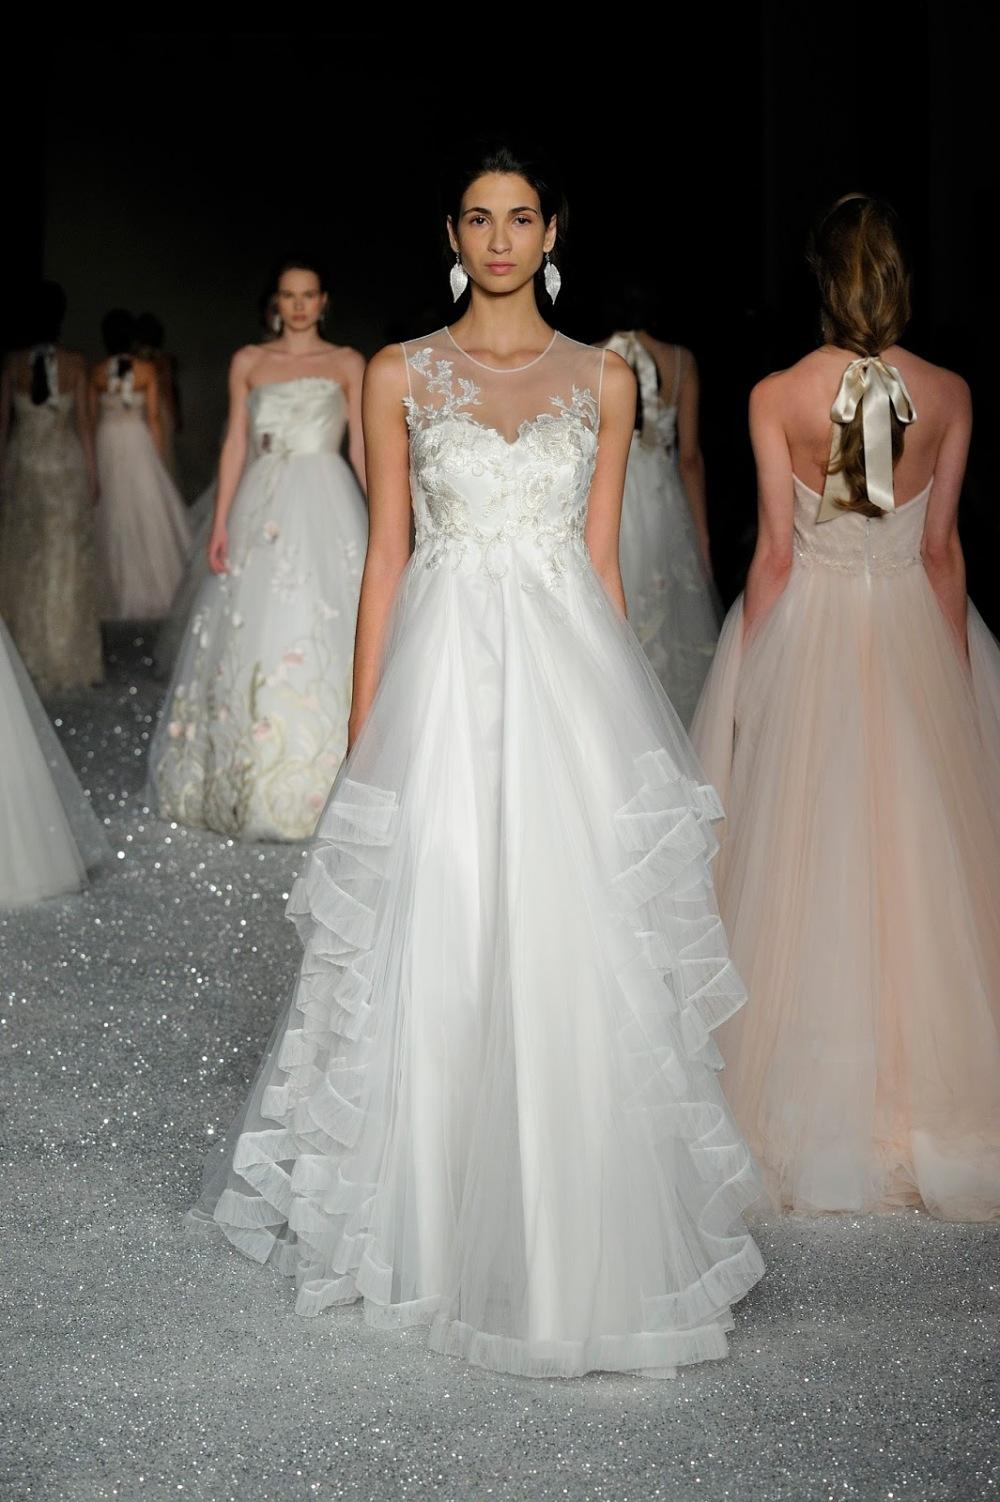 abito da sposa accollato trasparenza.JPG